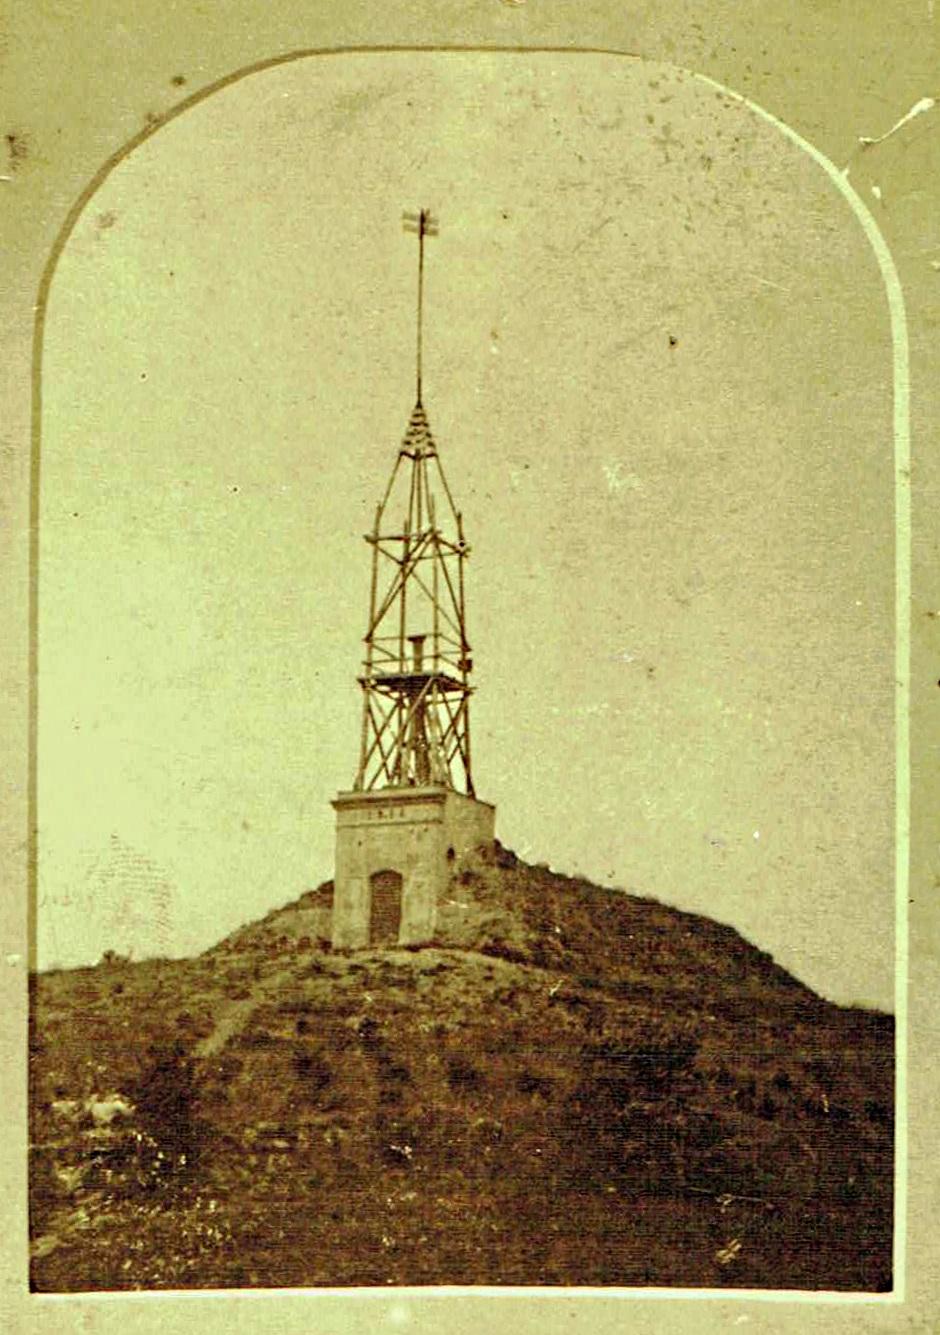 Dawny zbiornik wodny na wzgórzy Hawkego w Kartuzach. Źródło: www.kpwik.kartuzy.pl